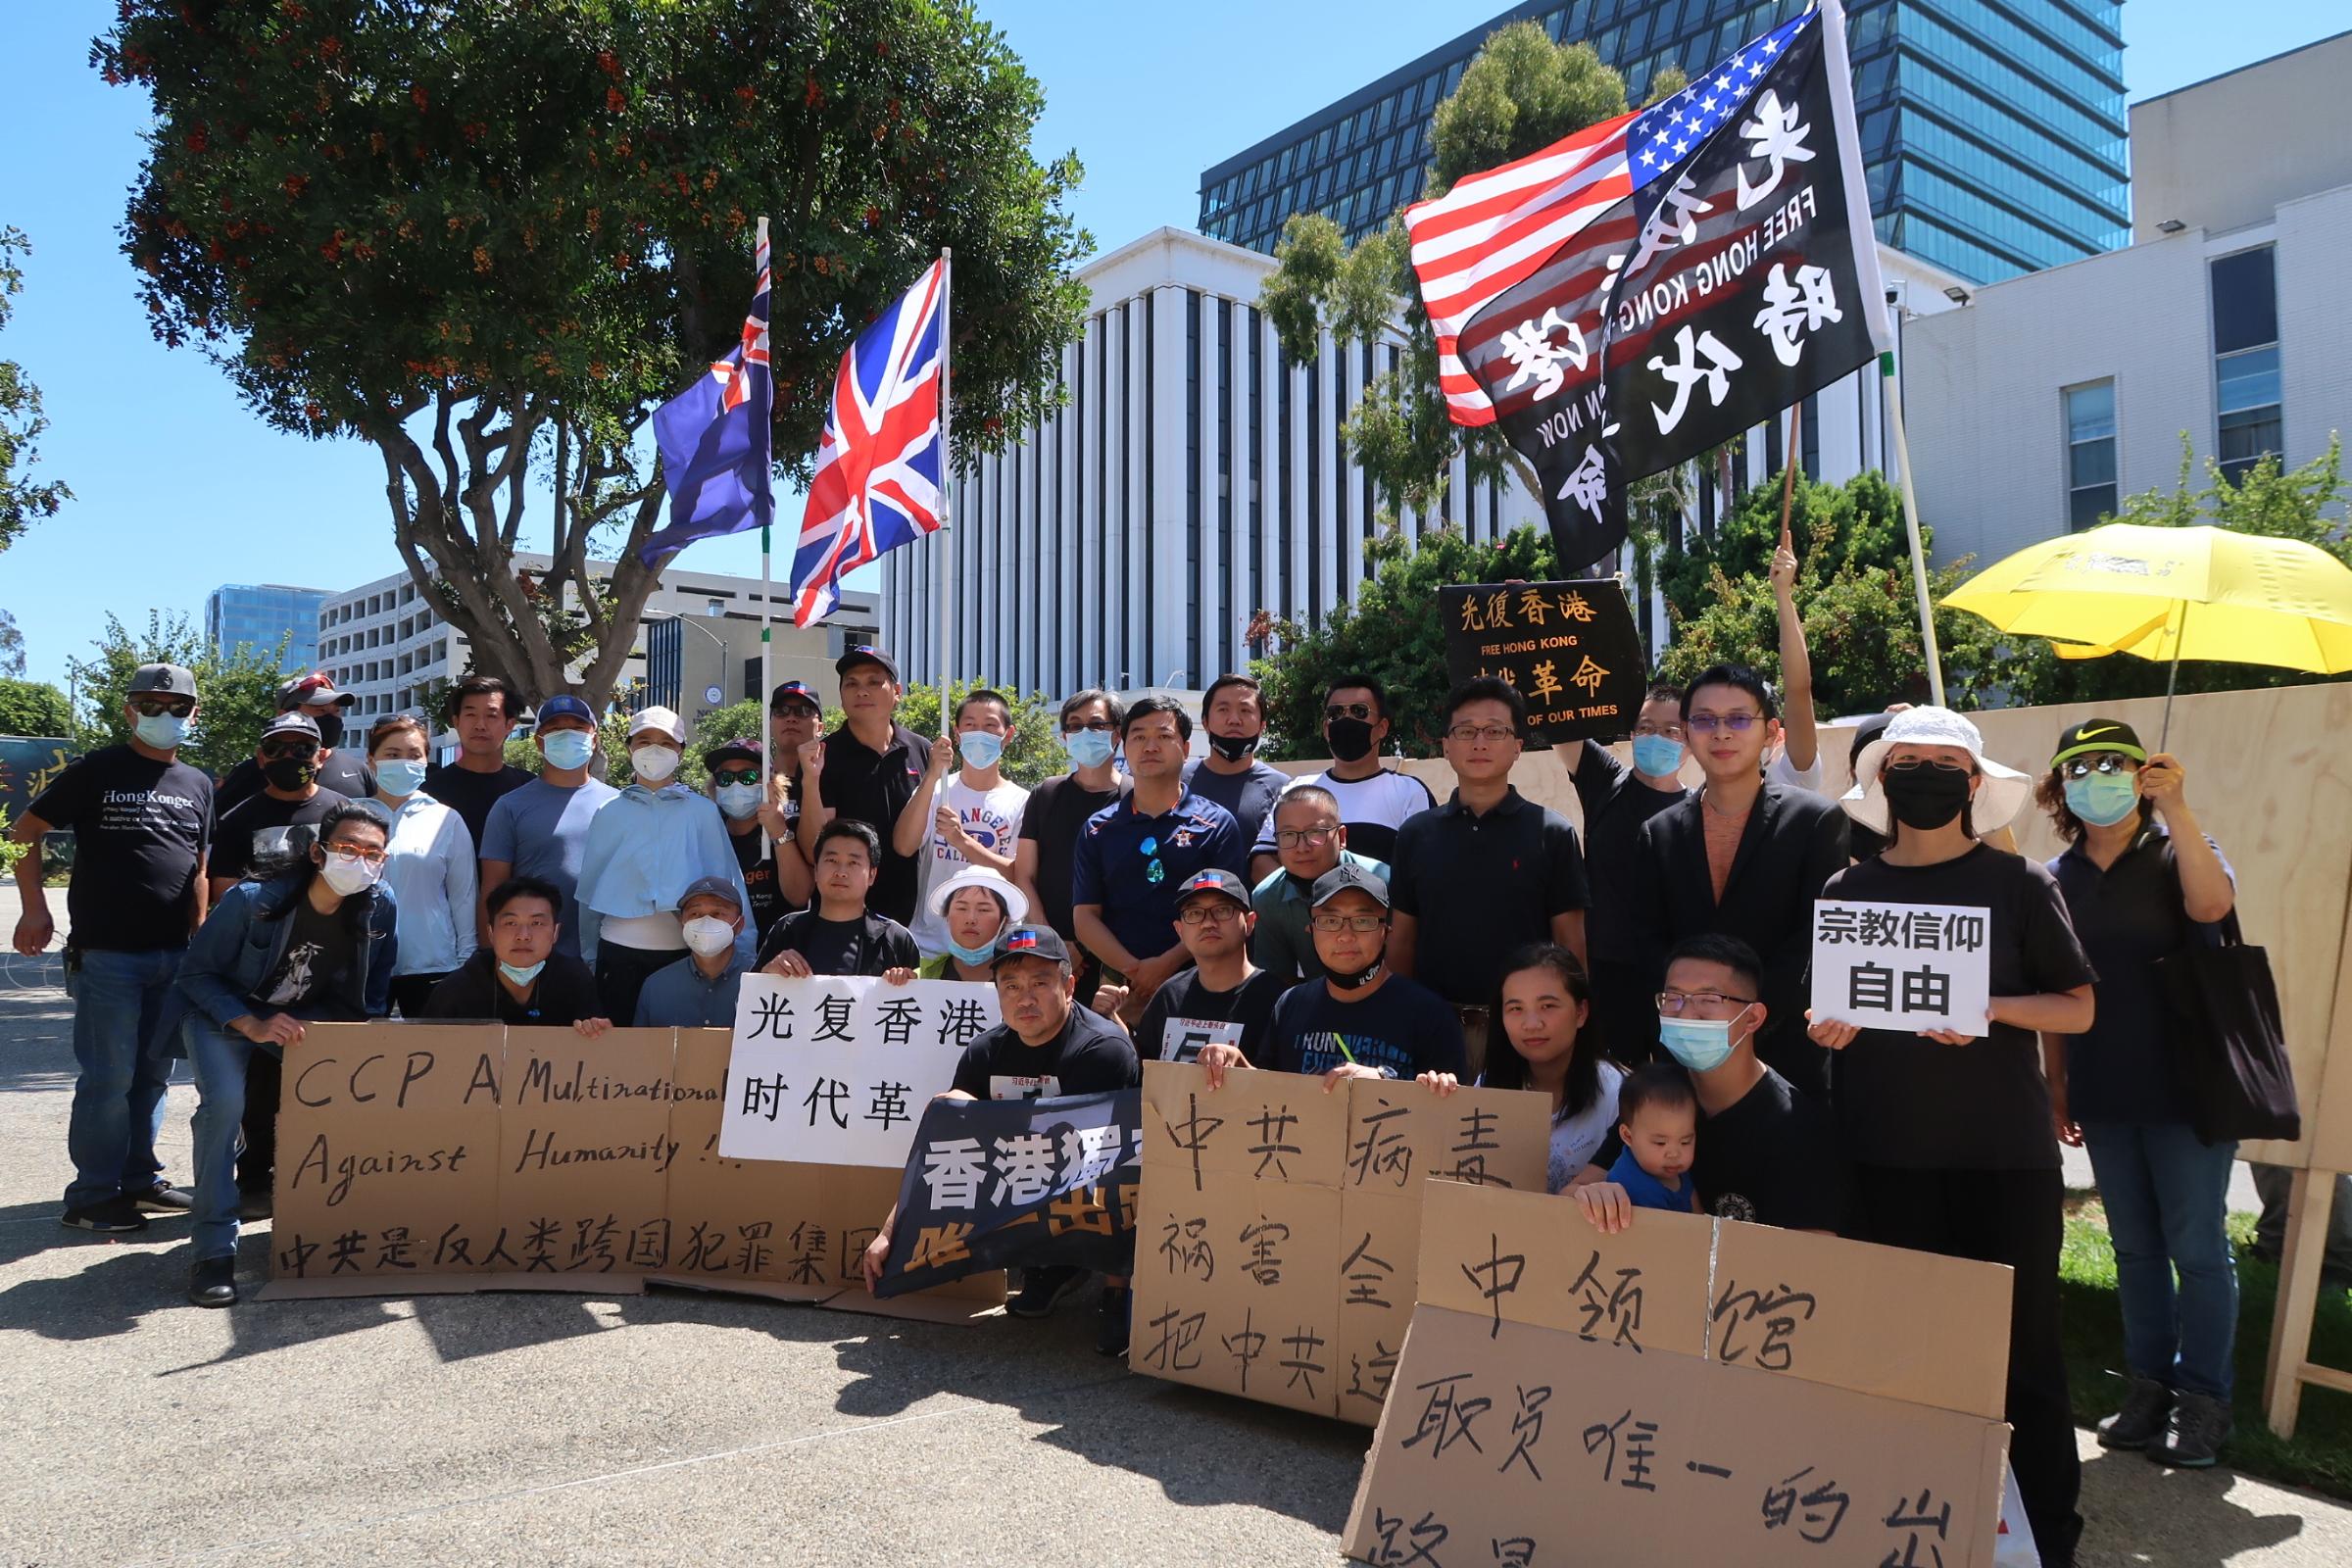 揭中共百年暴行 洛城华人七一举行接力活动